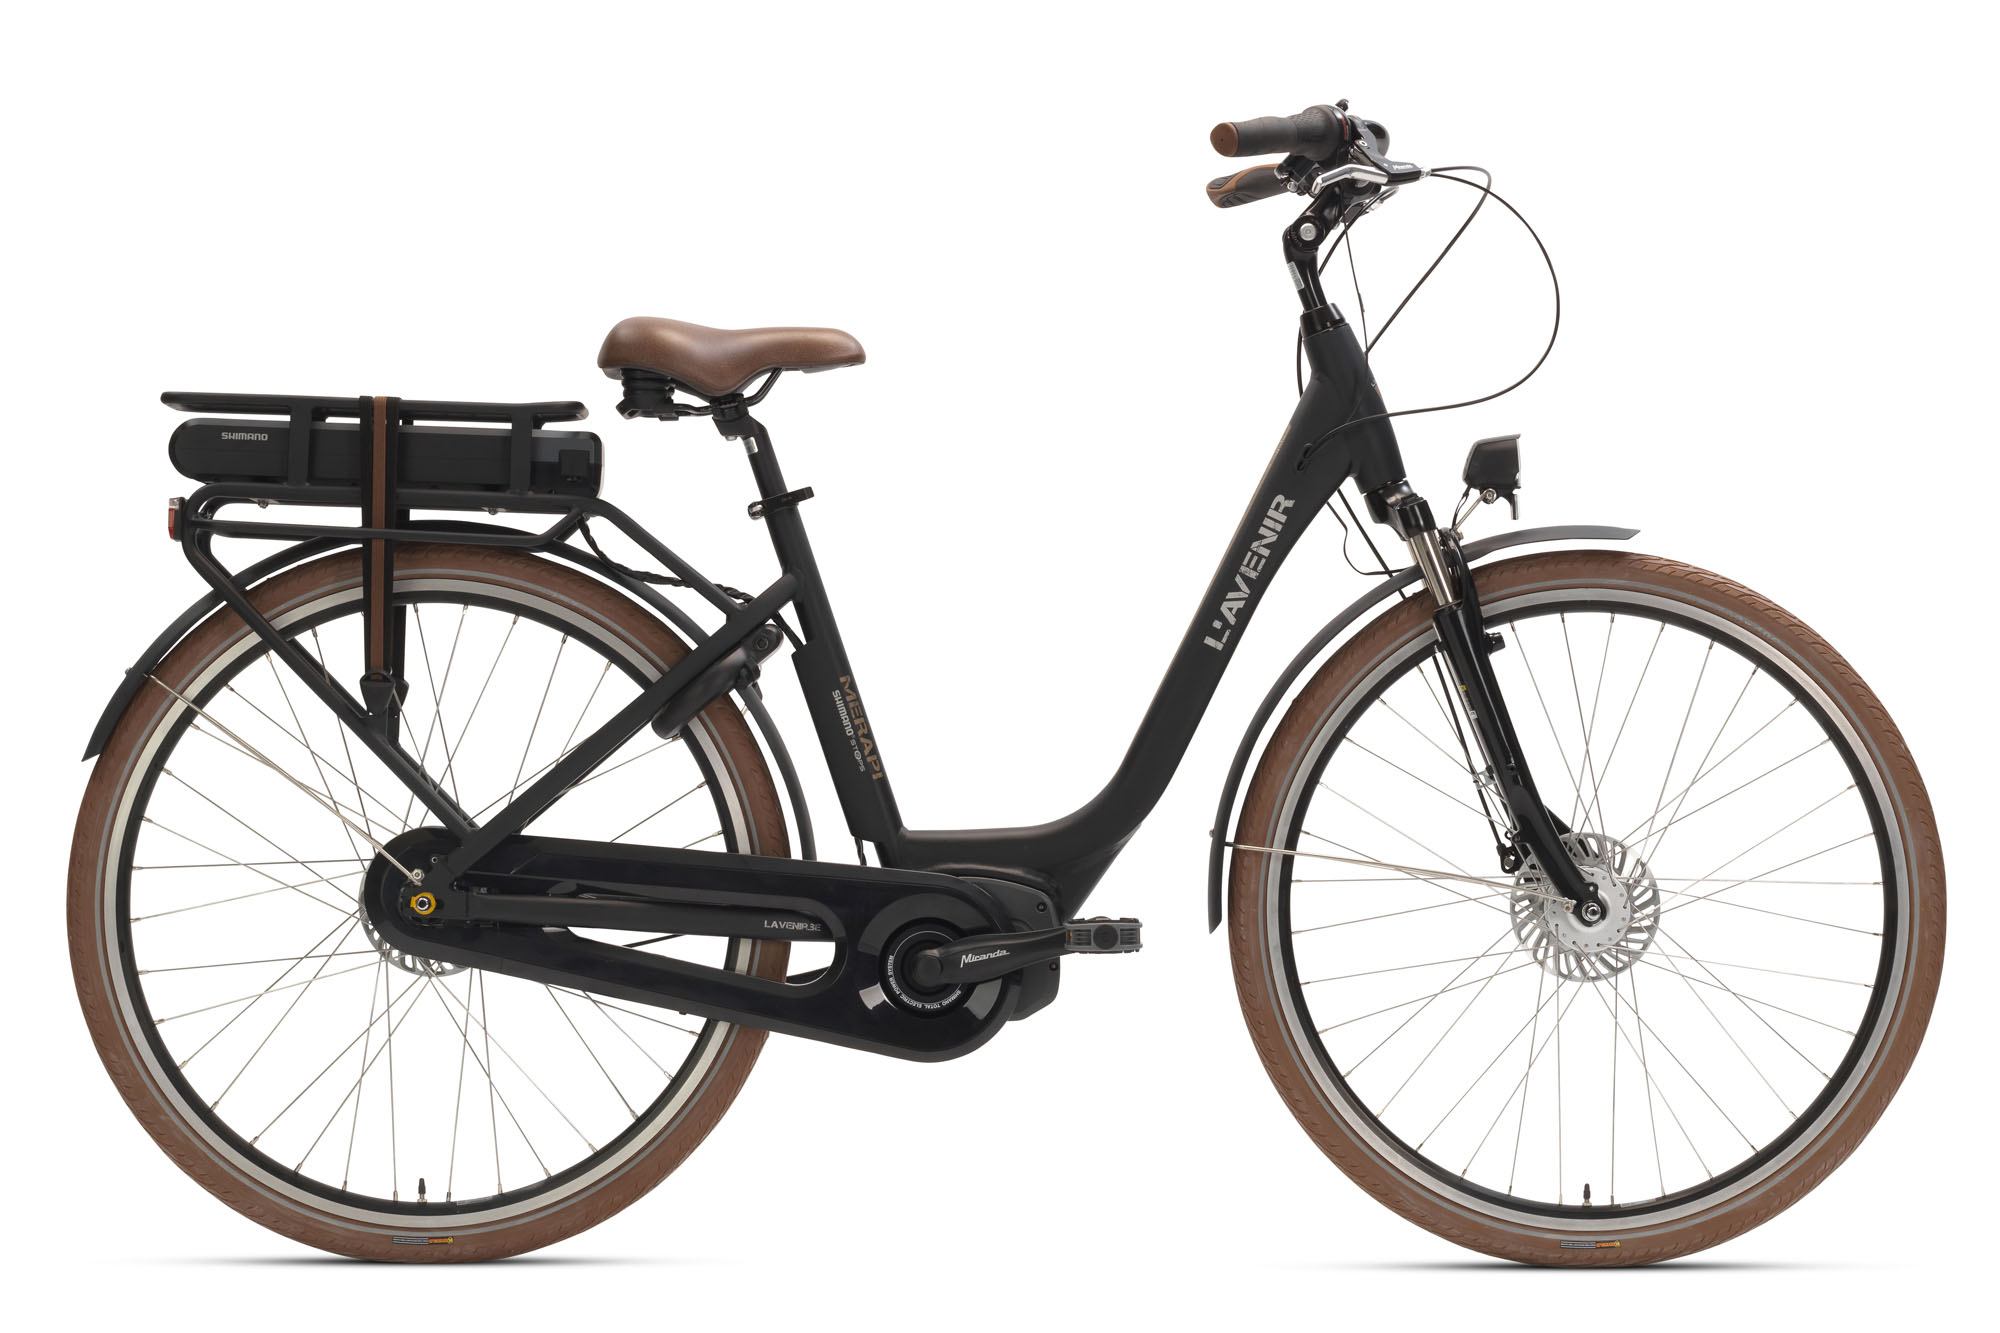 Deze stijlvolle e-bike is uitgerust met het ShimanoSteps E5000-systeem en beschikt over een Nexus 8 premium versnellingsnaaf en krachtige, onderhoudsarme C6000 rollerbrakes. Zo ben je verzekerd van jarenlang zorgeloos fietsplezier. Het prachtig vormgegeven lage-opstapframe wordt gelast met smooth welding, een techniek die je doorgaans alleen bij premium merken terugvindt.